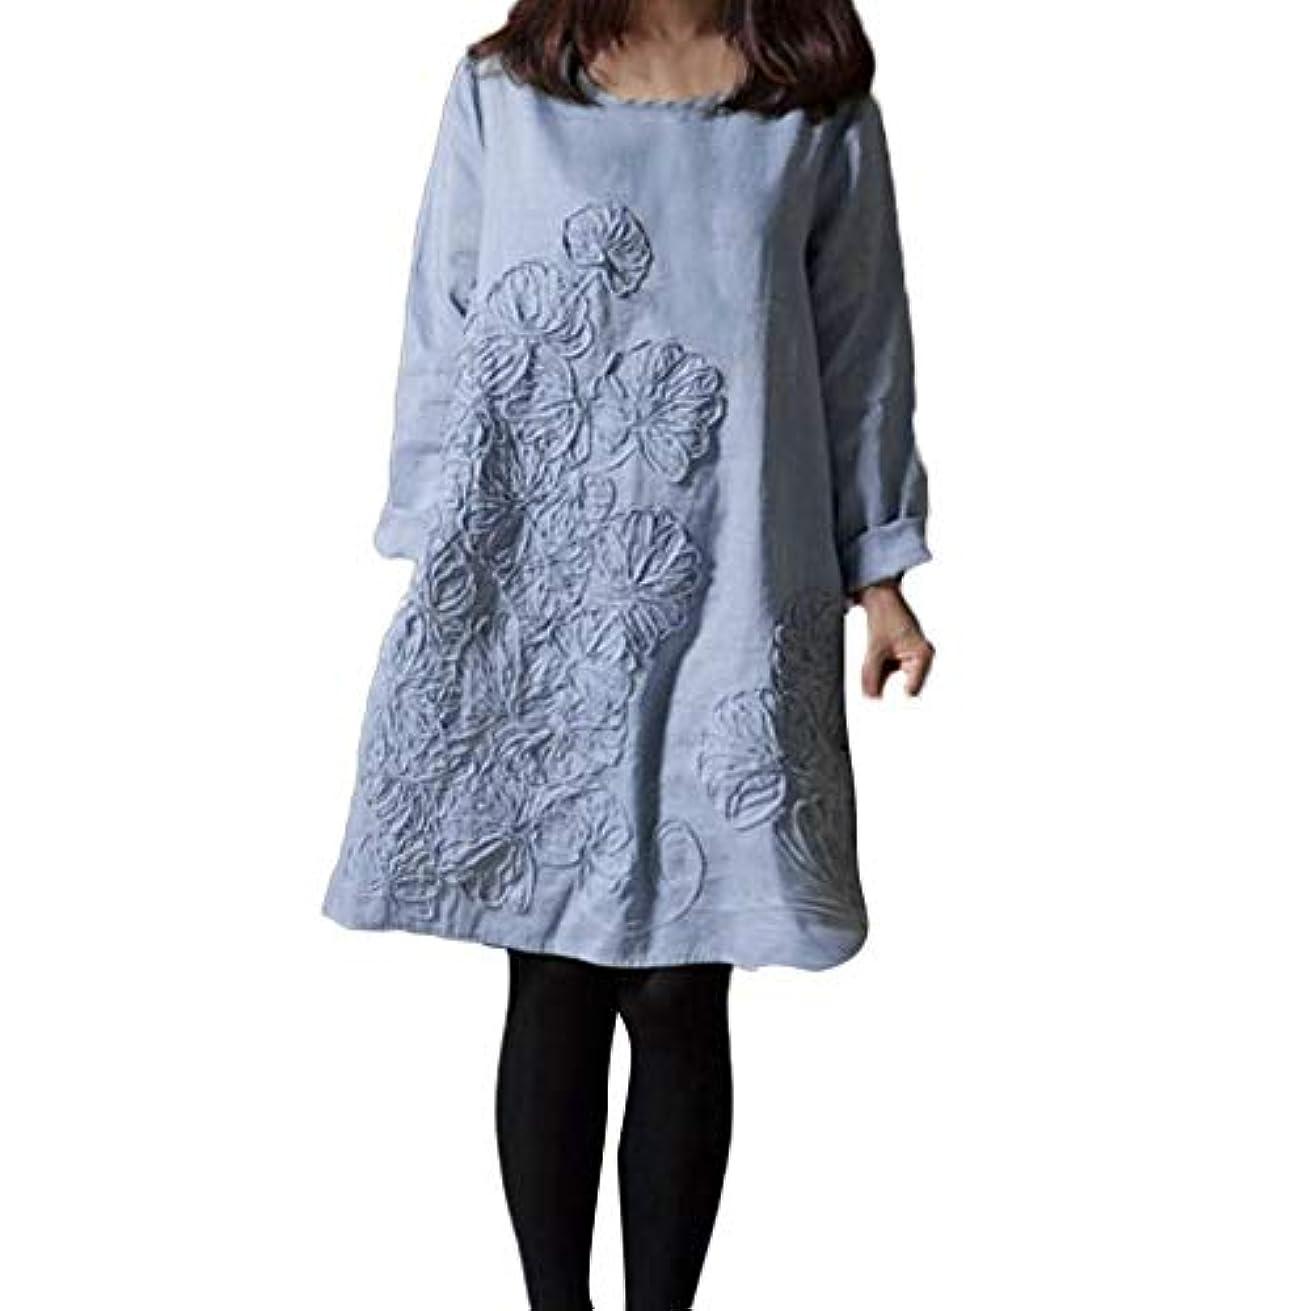 魔法する必要がある批判的に女性ドレス 棉麻 YOKINO 花柄 刺繍 ゆったり 体型カバー 森ガール ゆったり 着痩せ レディース白ワンピース 大人 ワンピース 春 夏 秋 ワンピース 大きいサイズ ゆったり 着痩せ